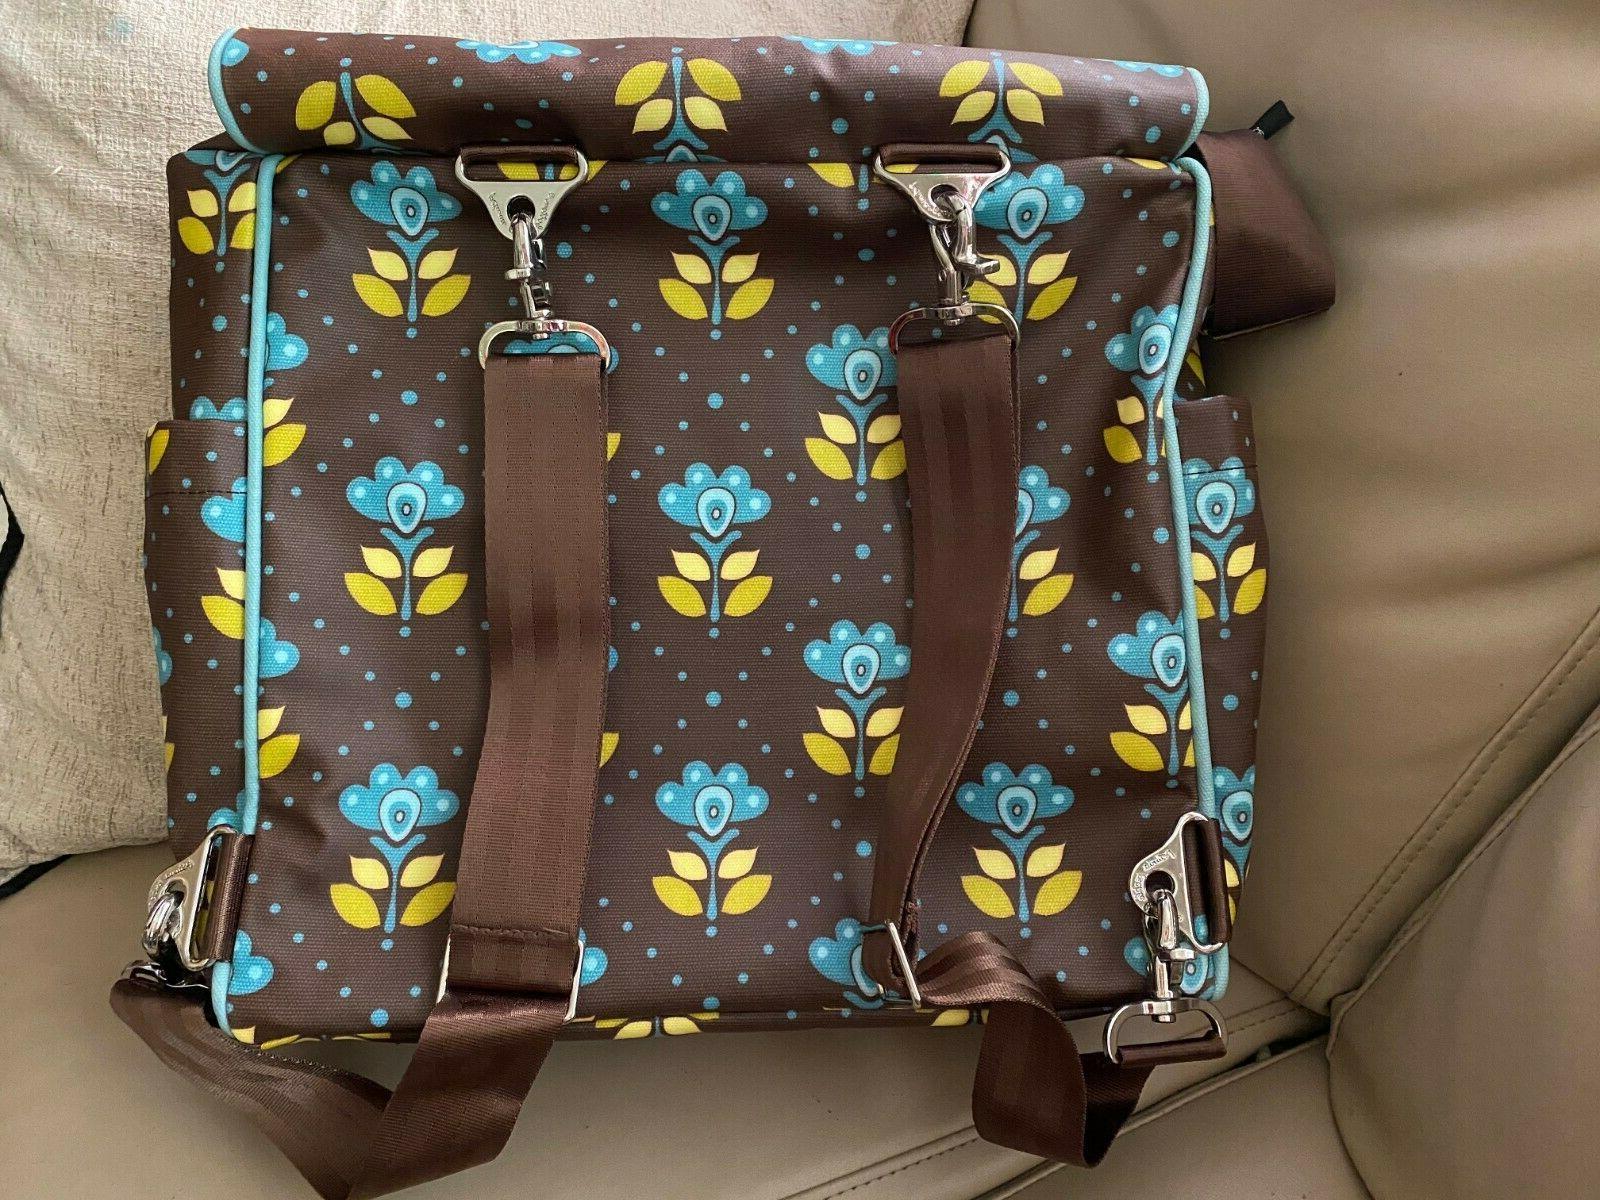 Petunia Pickle Bottom backpack diaper bag, NWT glazed